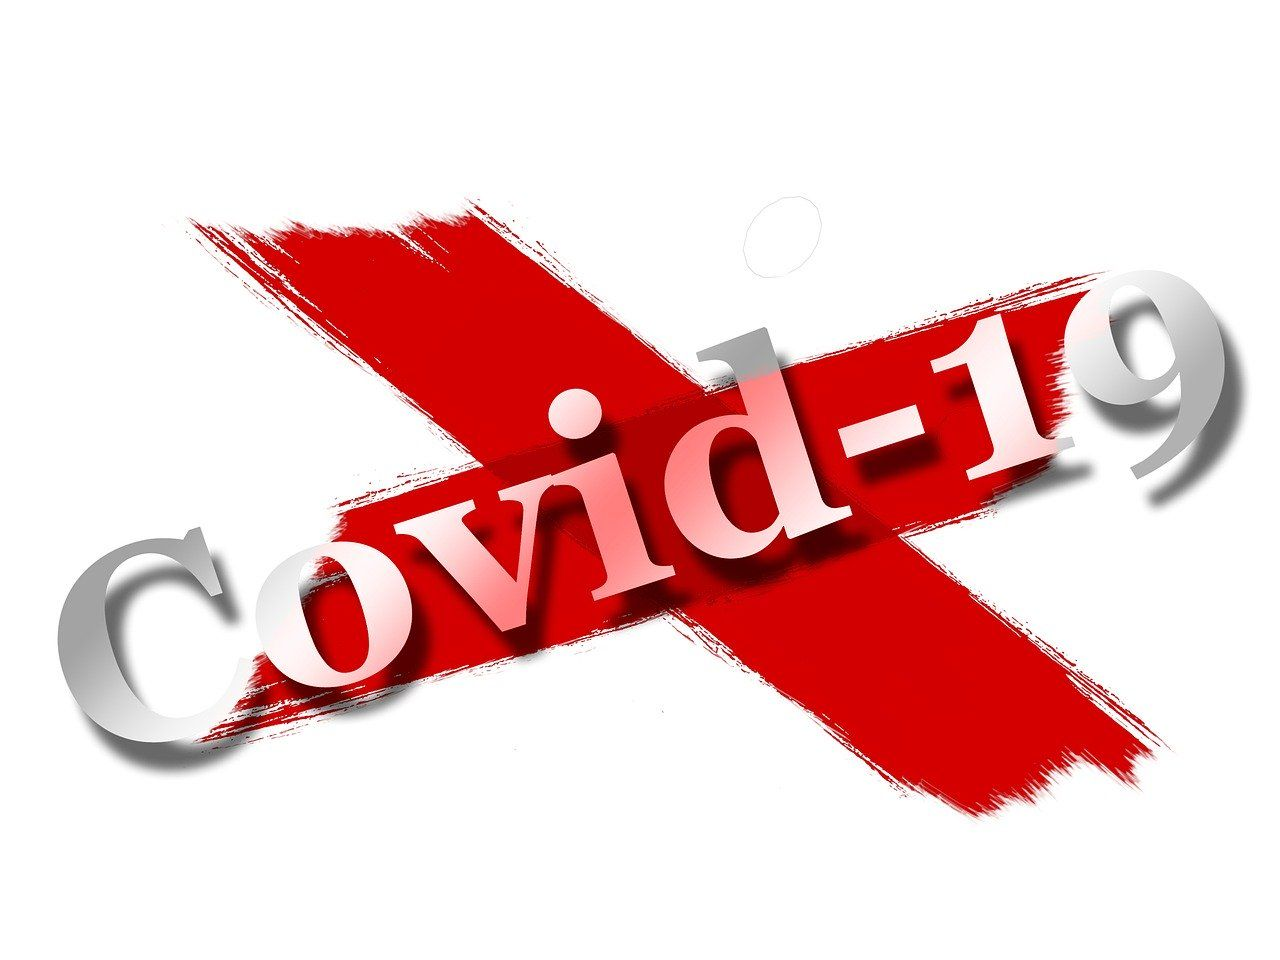 Coraz więcej koronawirusa w województwie śląskim